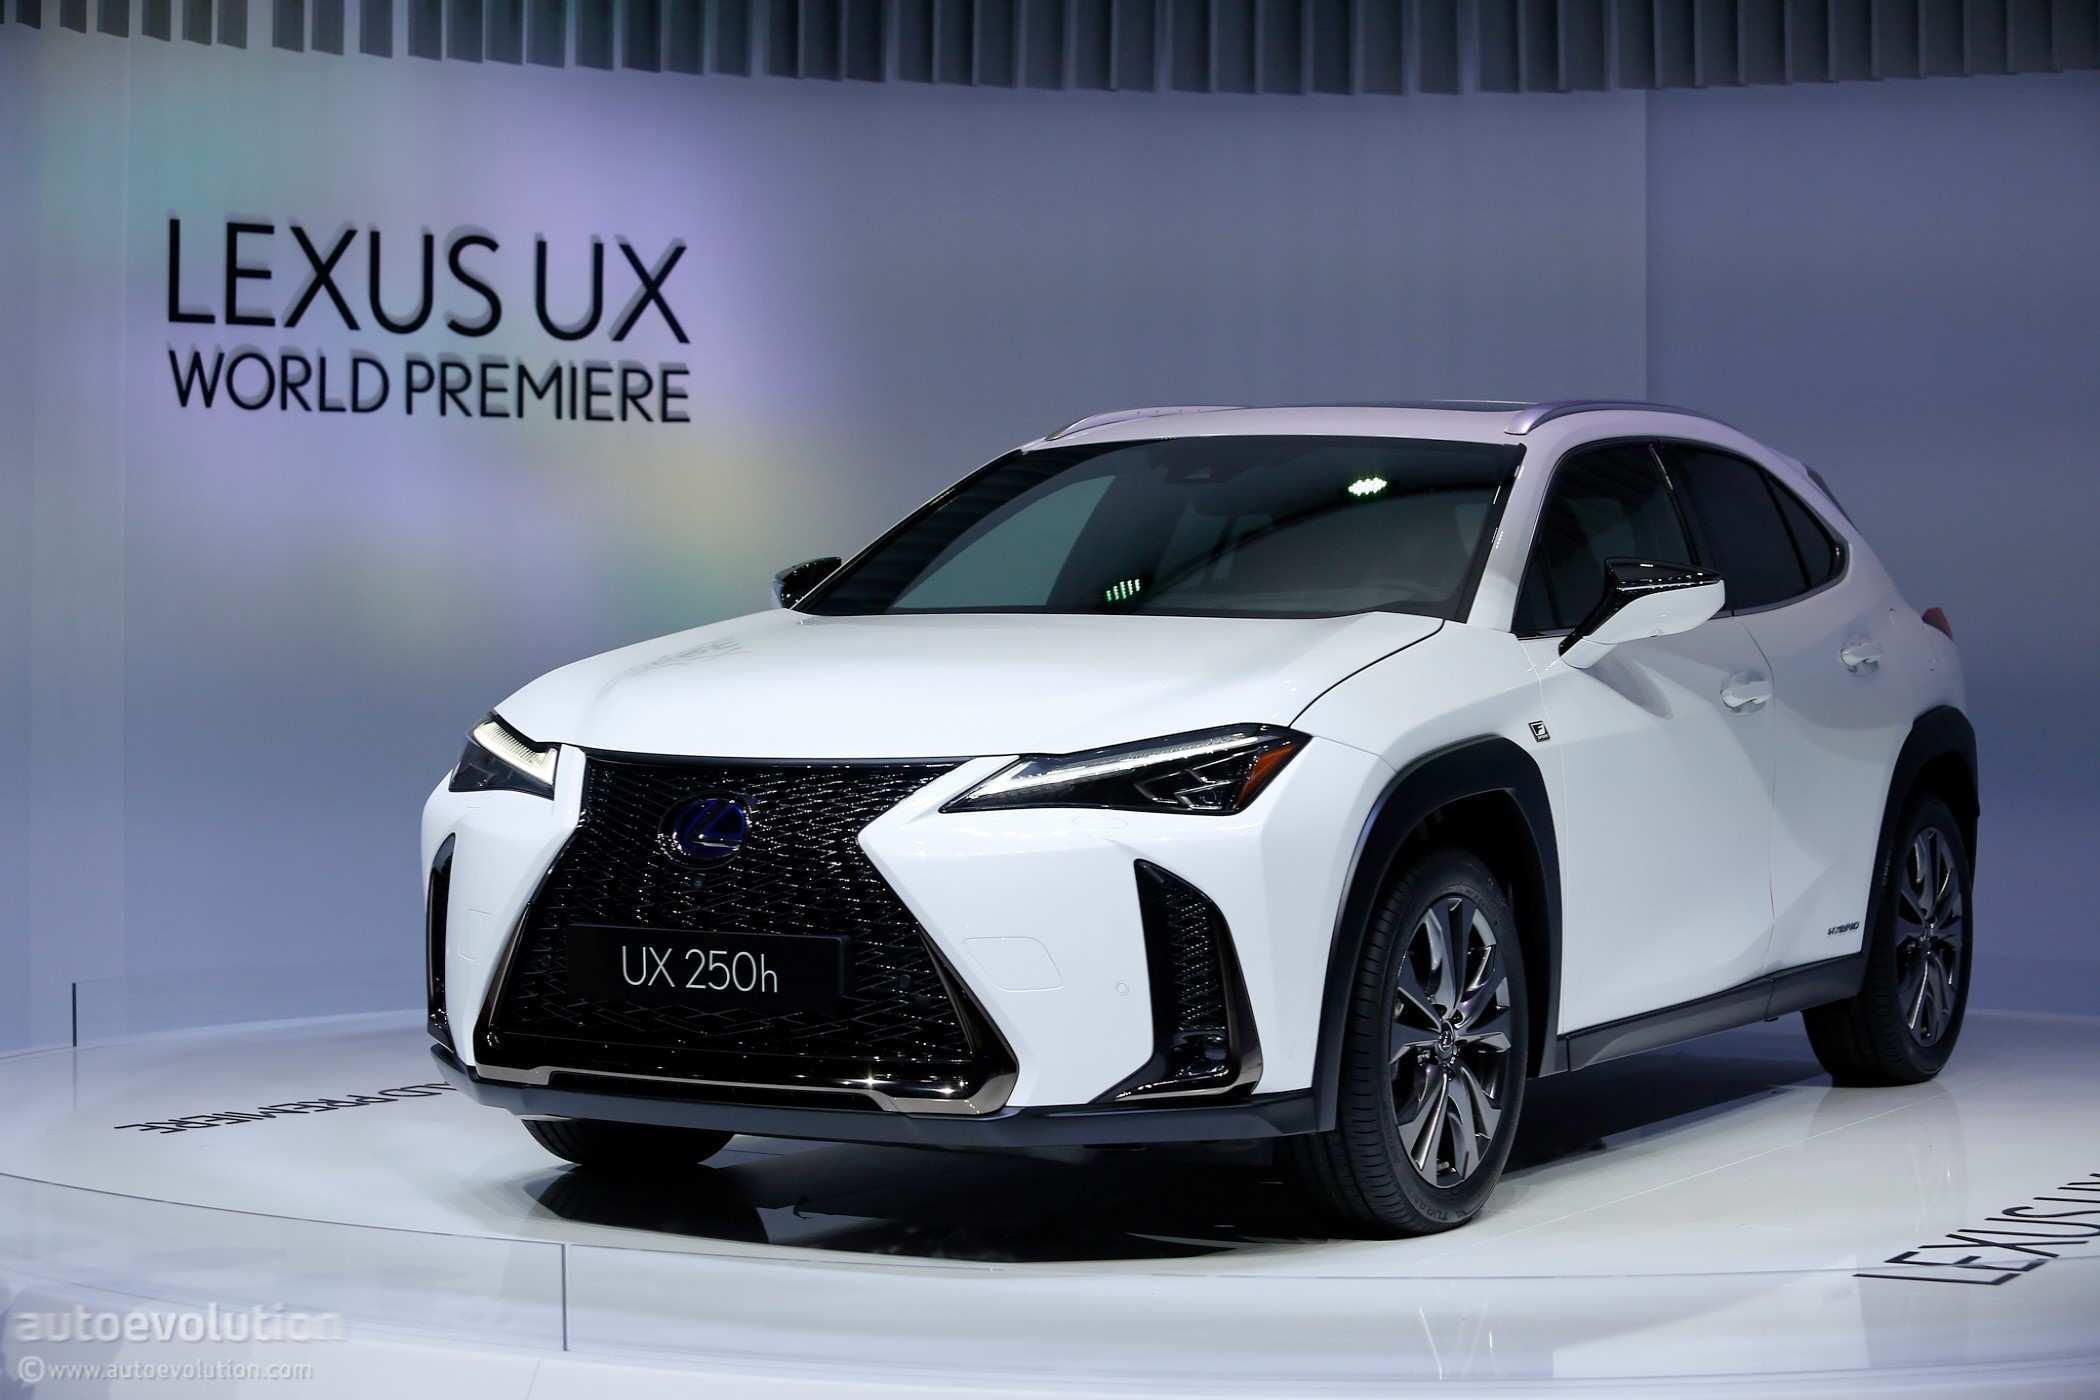 45 Concept of Lexus Usa 2020 Photos with Lexus Usa 2020